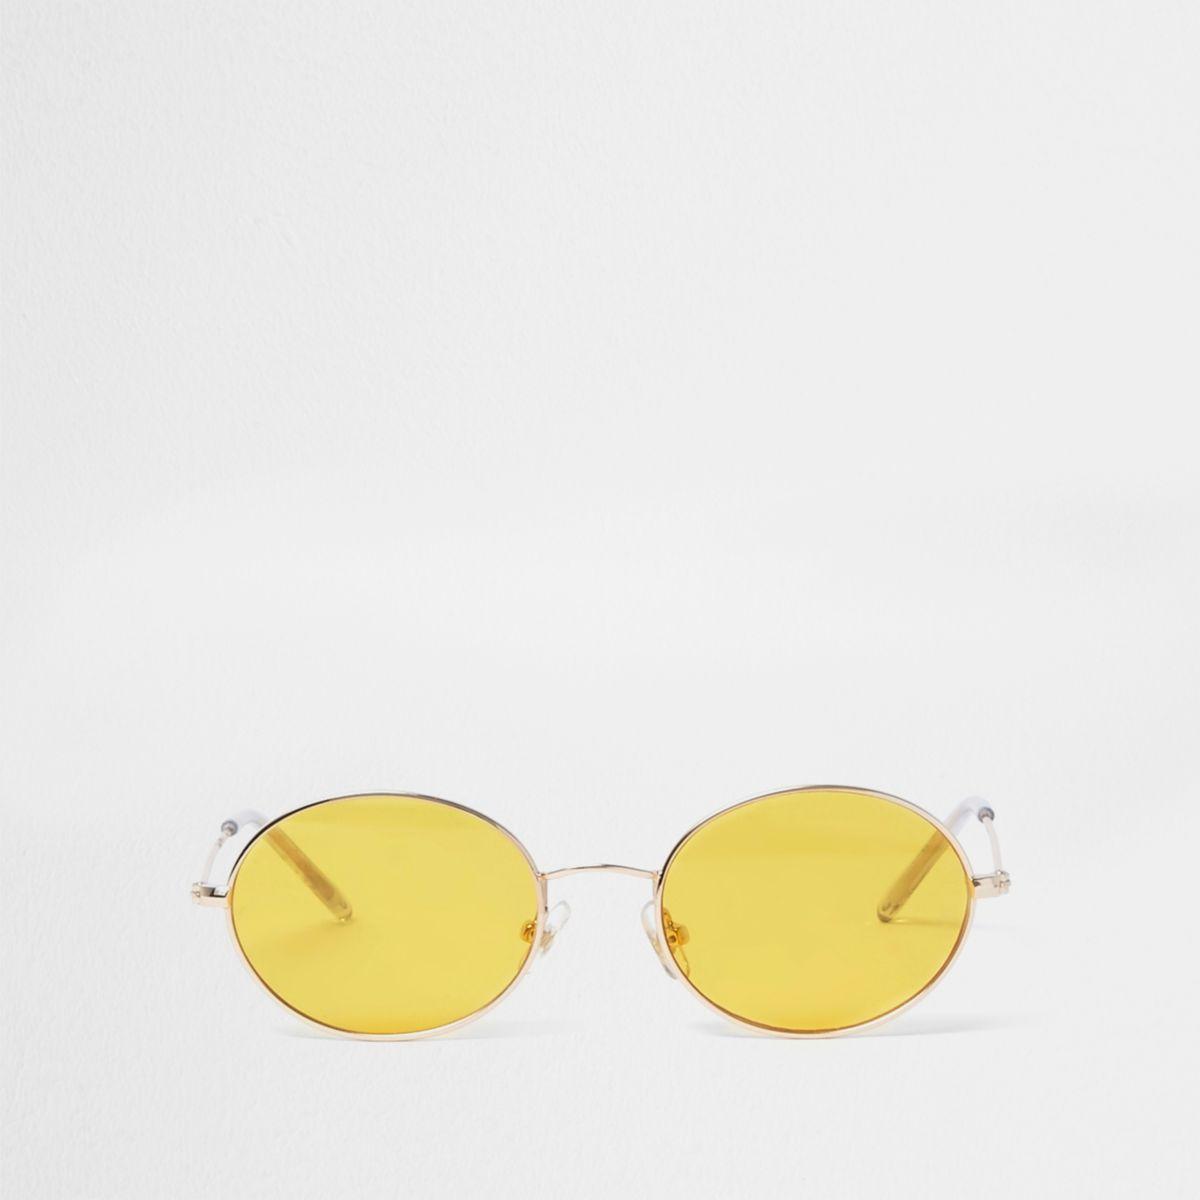 Lunettes de soleil rétro ovales teintées jaunes pour fille